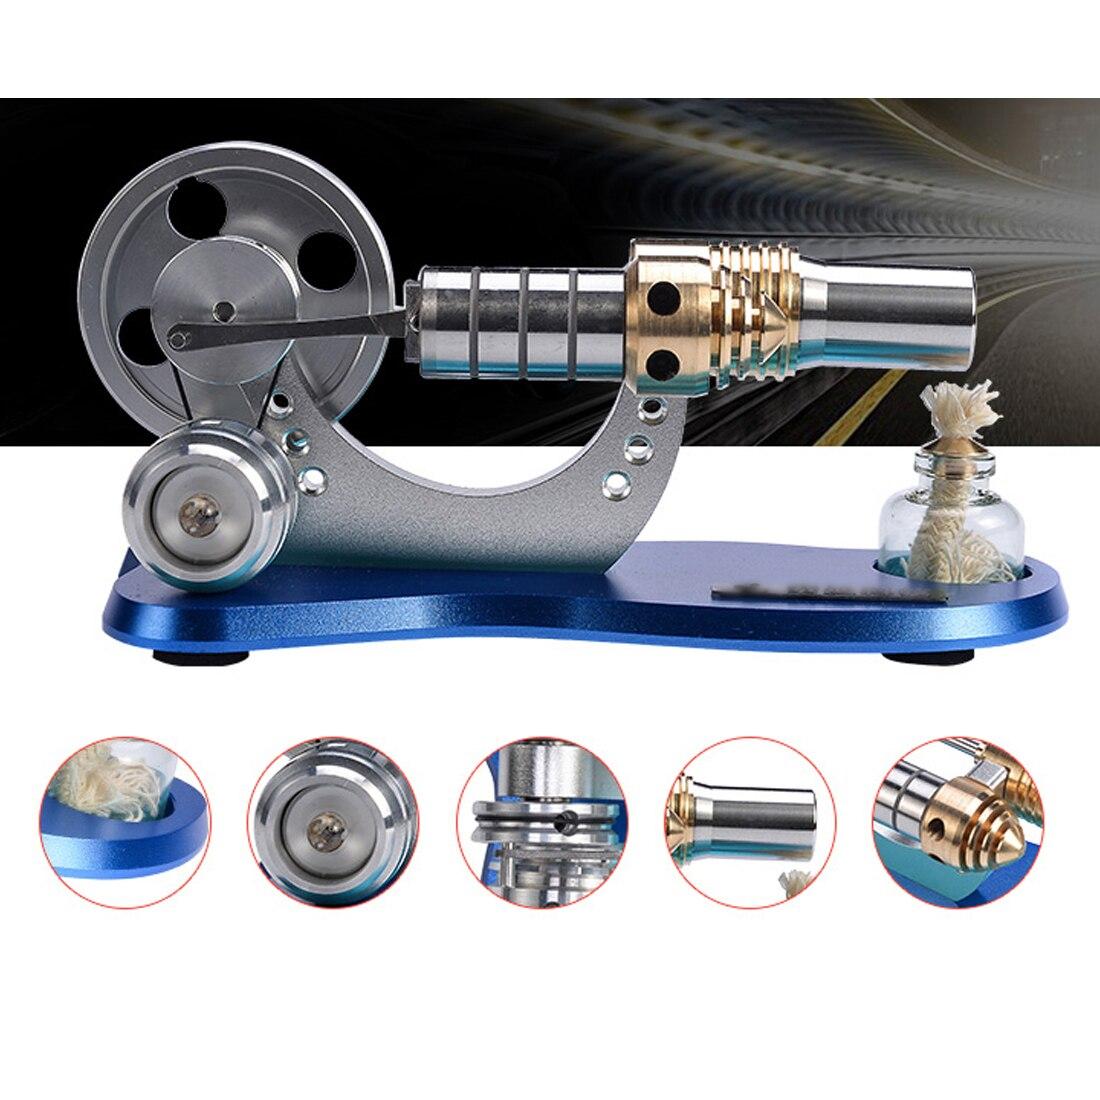 Metal Cylinder Bootable Stirling Engine Model Micro External Combustion Engine Model - Blue Baseboard metal baseboard double cylinder micro diy stirling engine external combustion engine